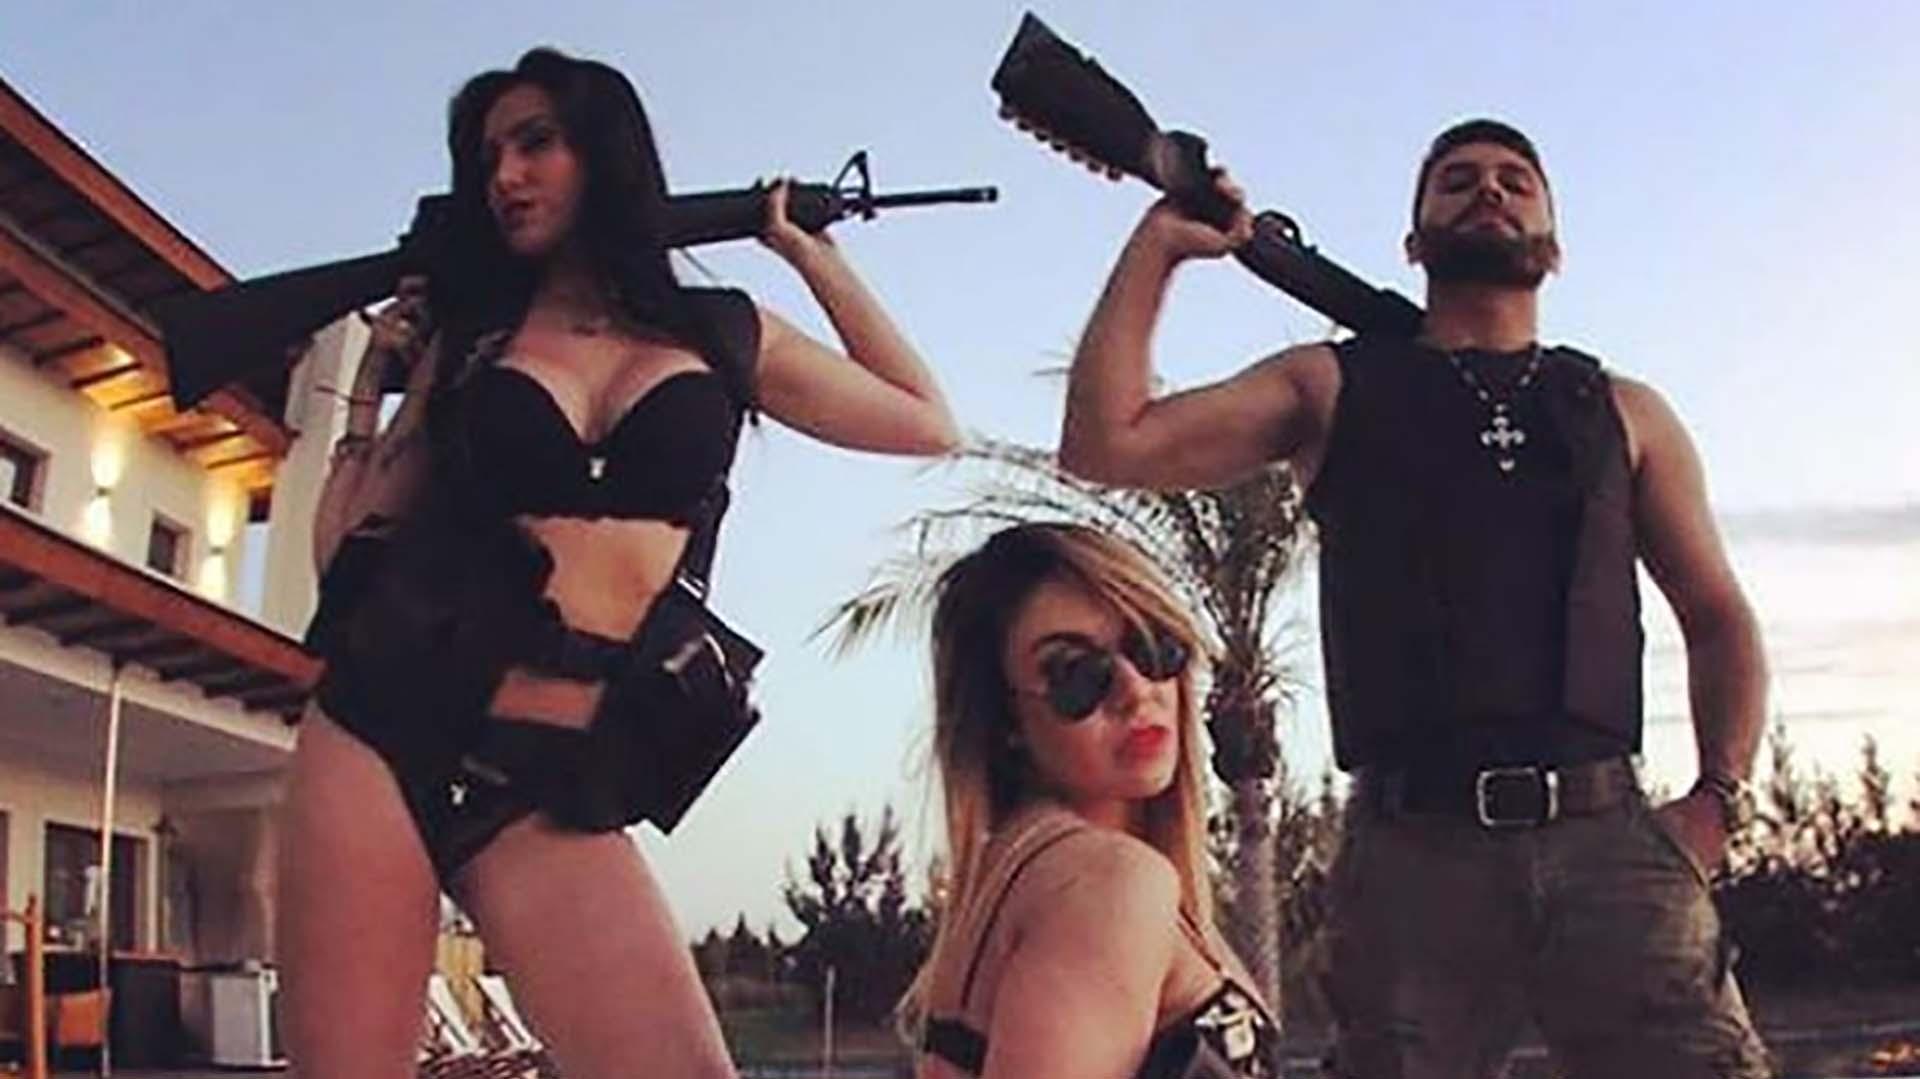 Radetic suele sacarse fotos con mujeres y armas de grueso calibre